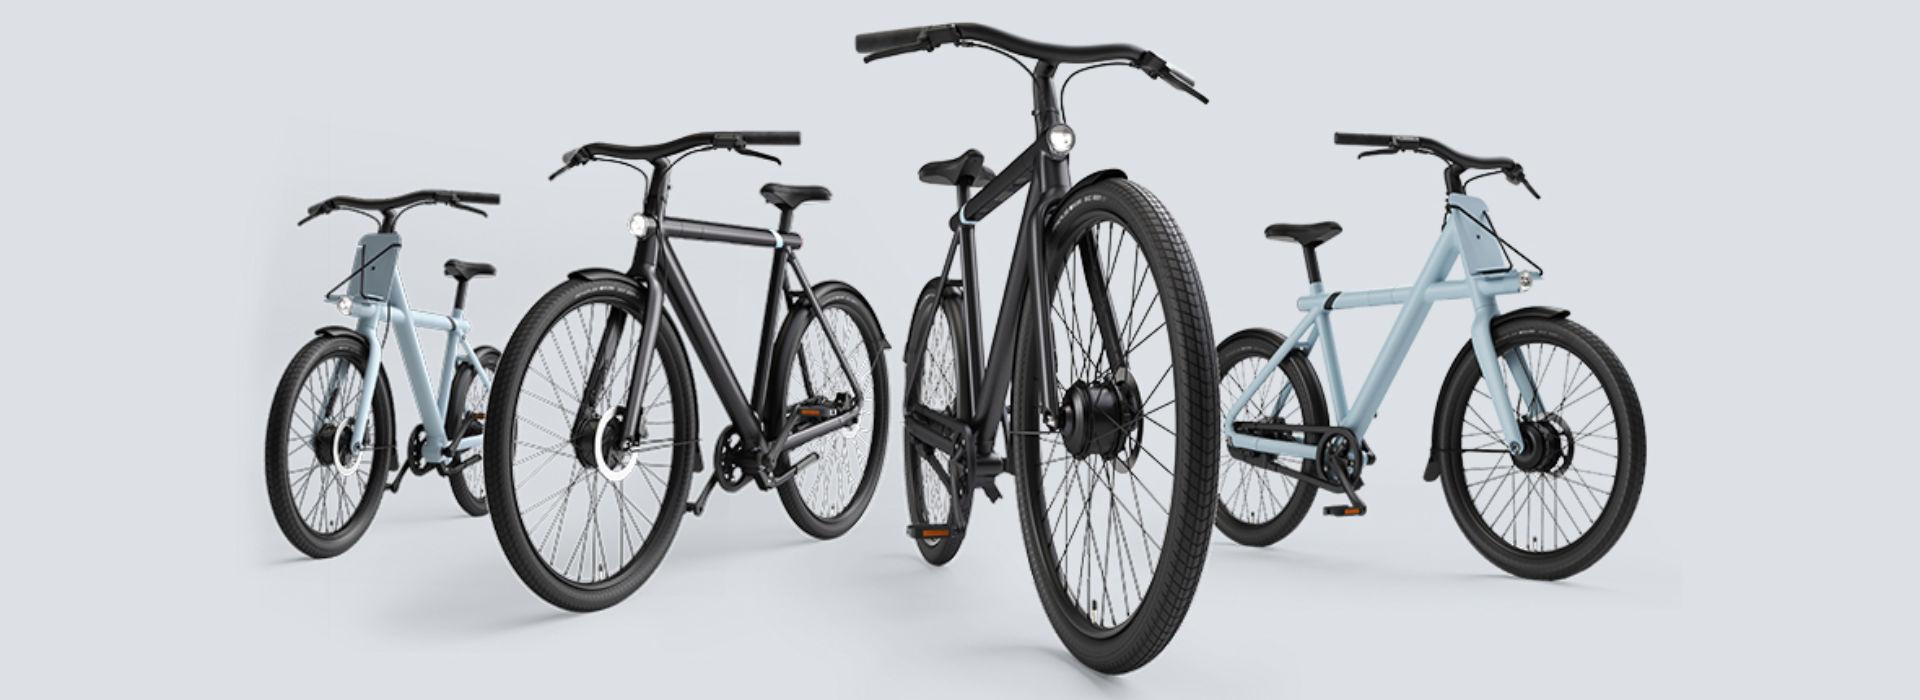 De introductie van de nieuwe elektrische VanMoof S3 & X3: It's time to ride the future